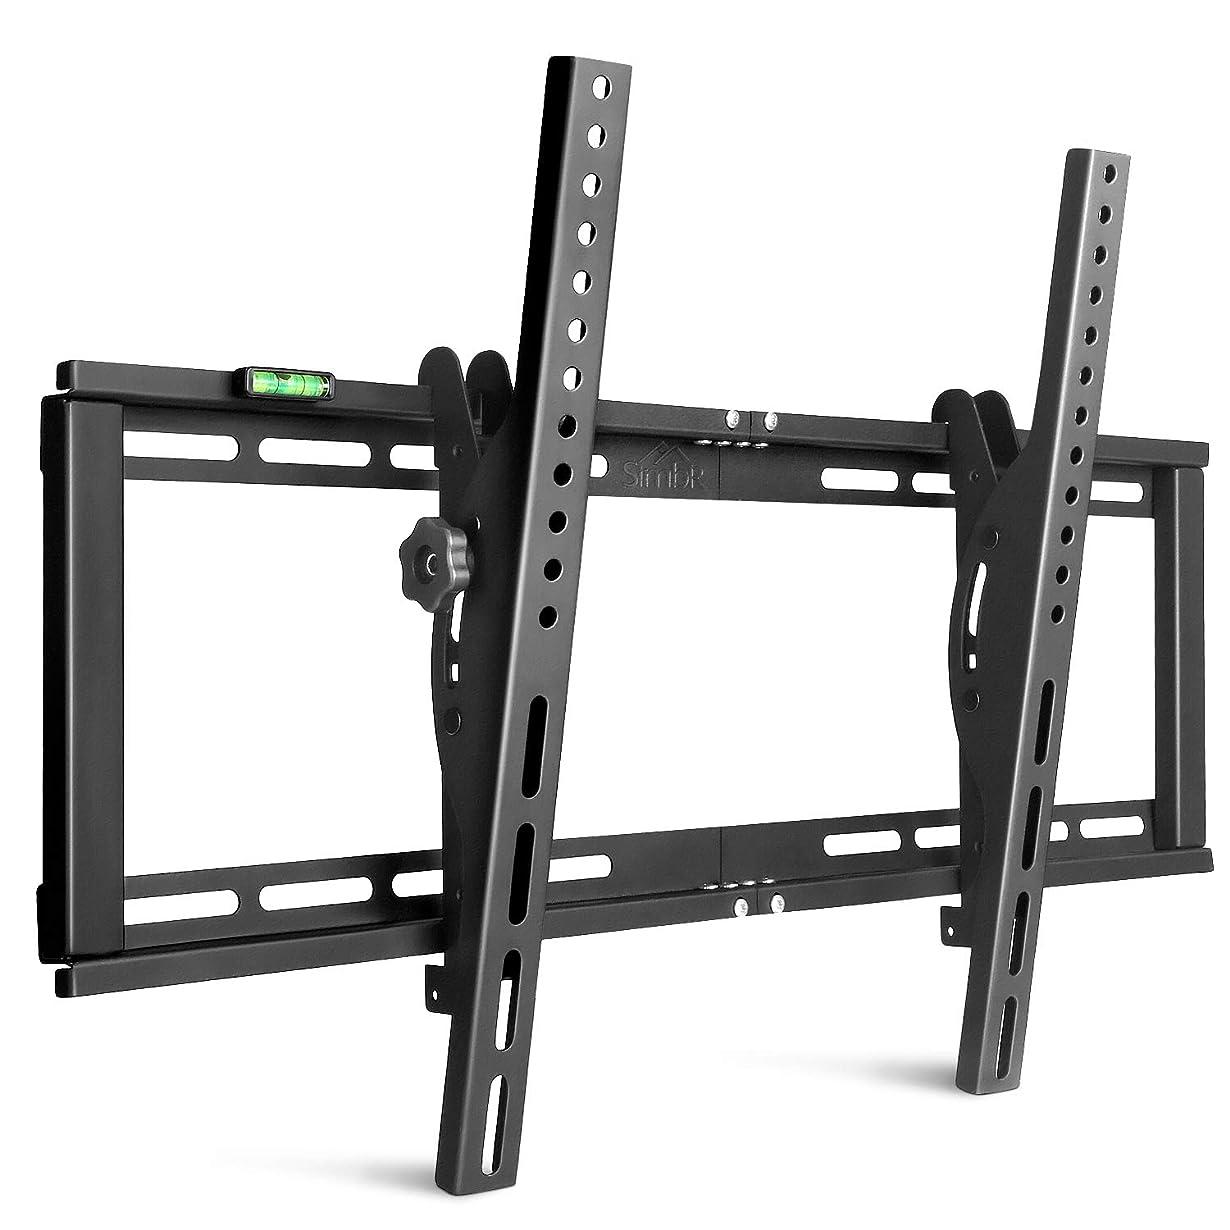 技術的なすり驚くばかりテレビ壁掛け金具 Simbr 26~75インチLCD LED液晶テレビ対応 強度抜群 左右移動式 上下角度調節可能 VESA対応 最大600*400mm 耐荷重60kg